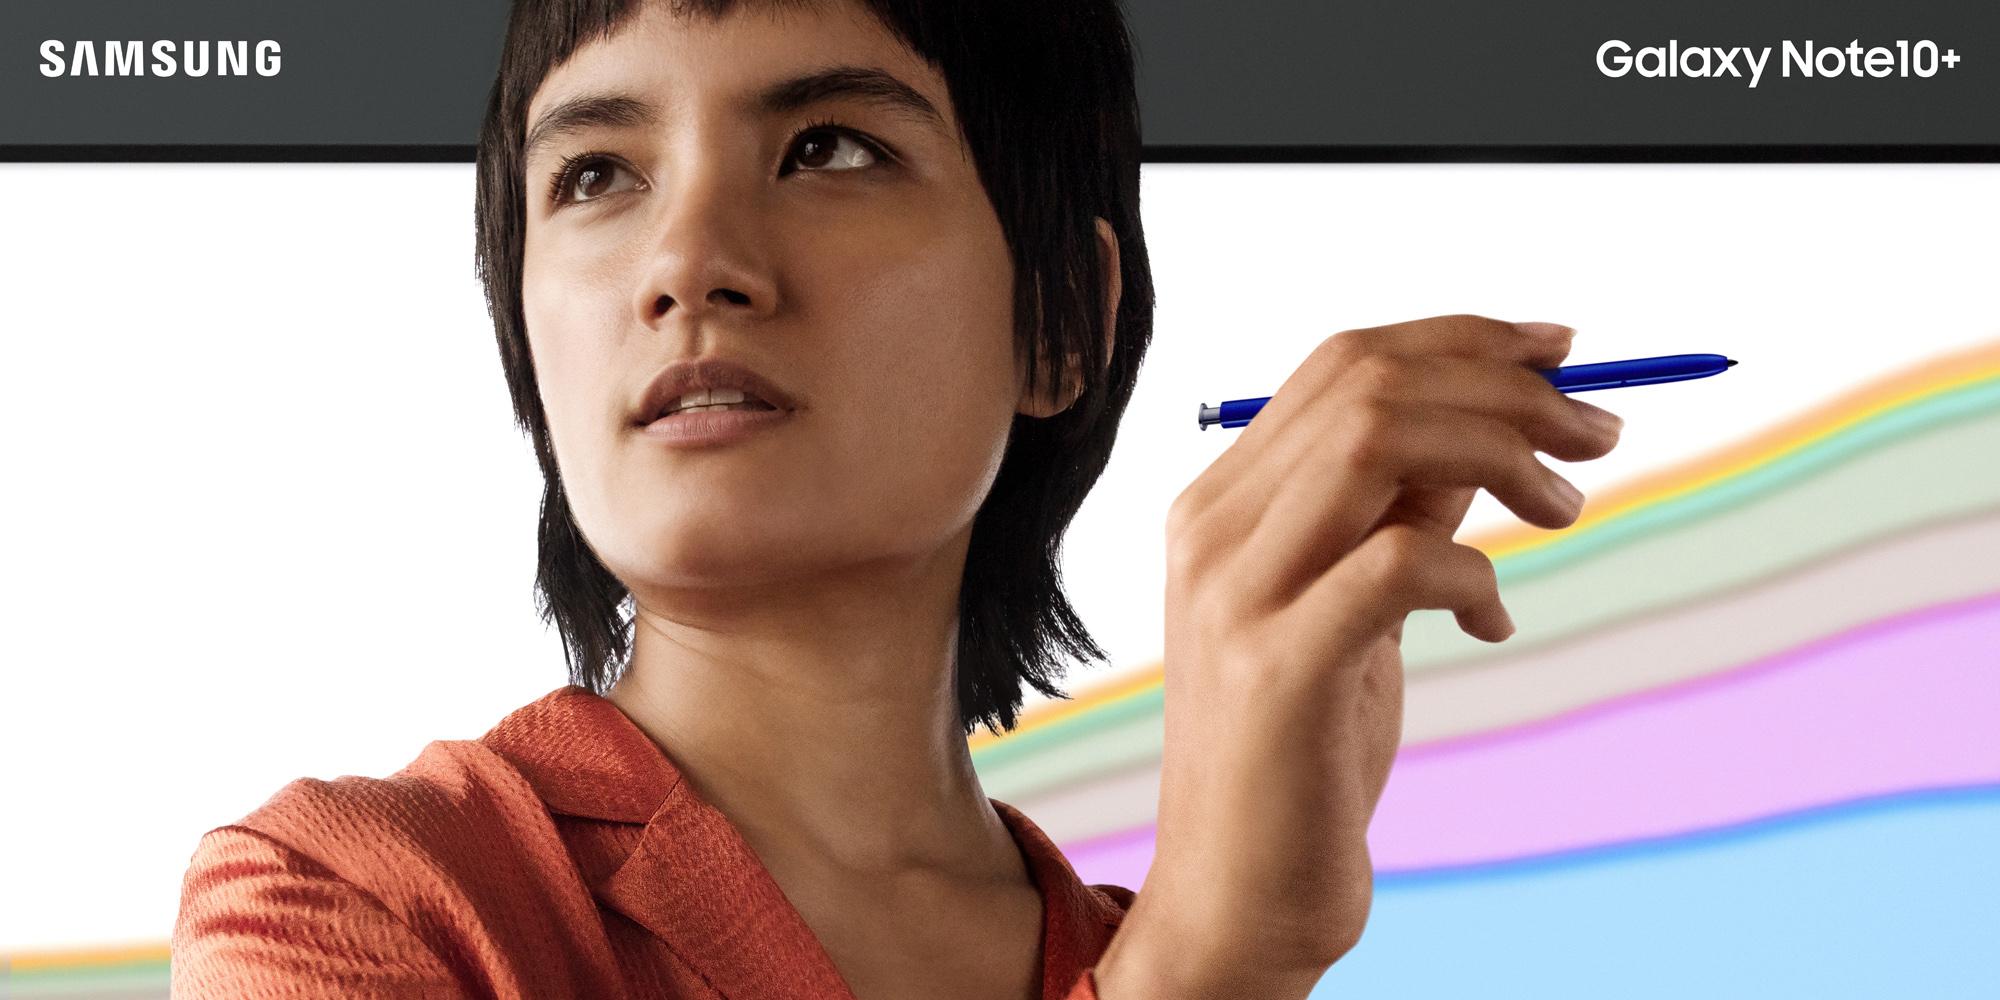 S Pen Galaxynote10